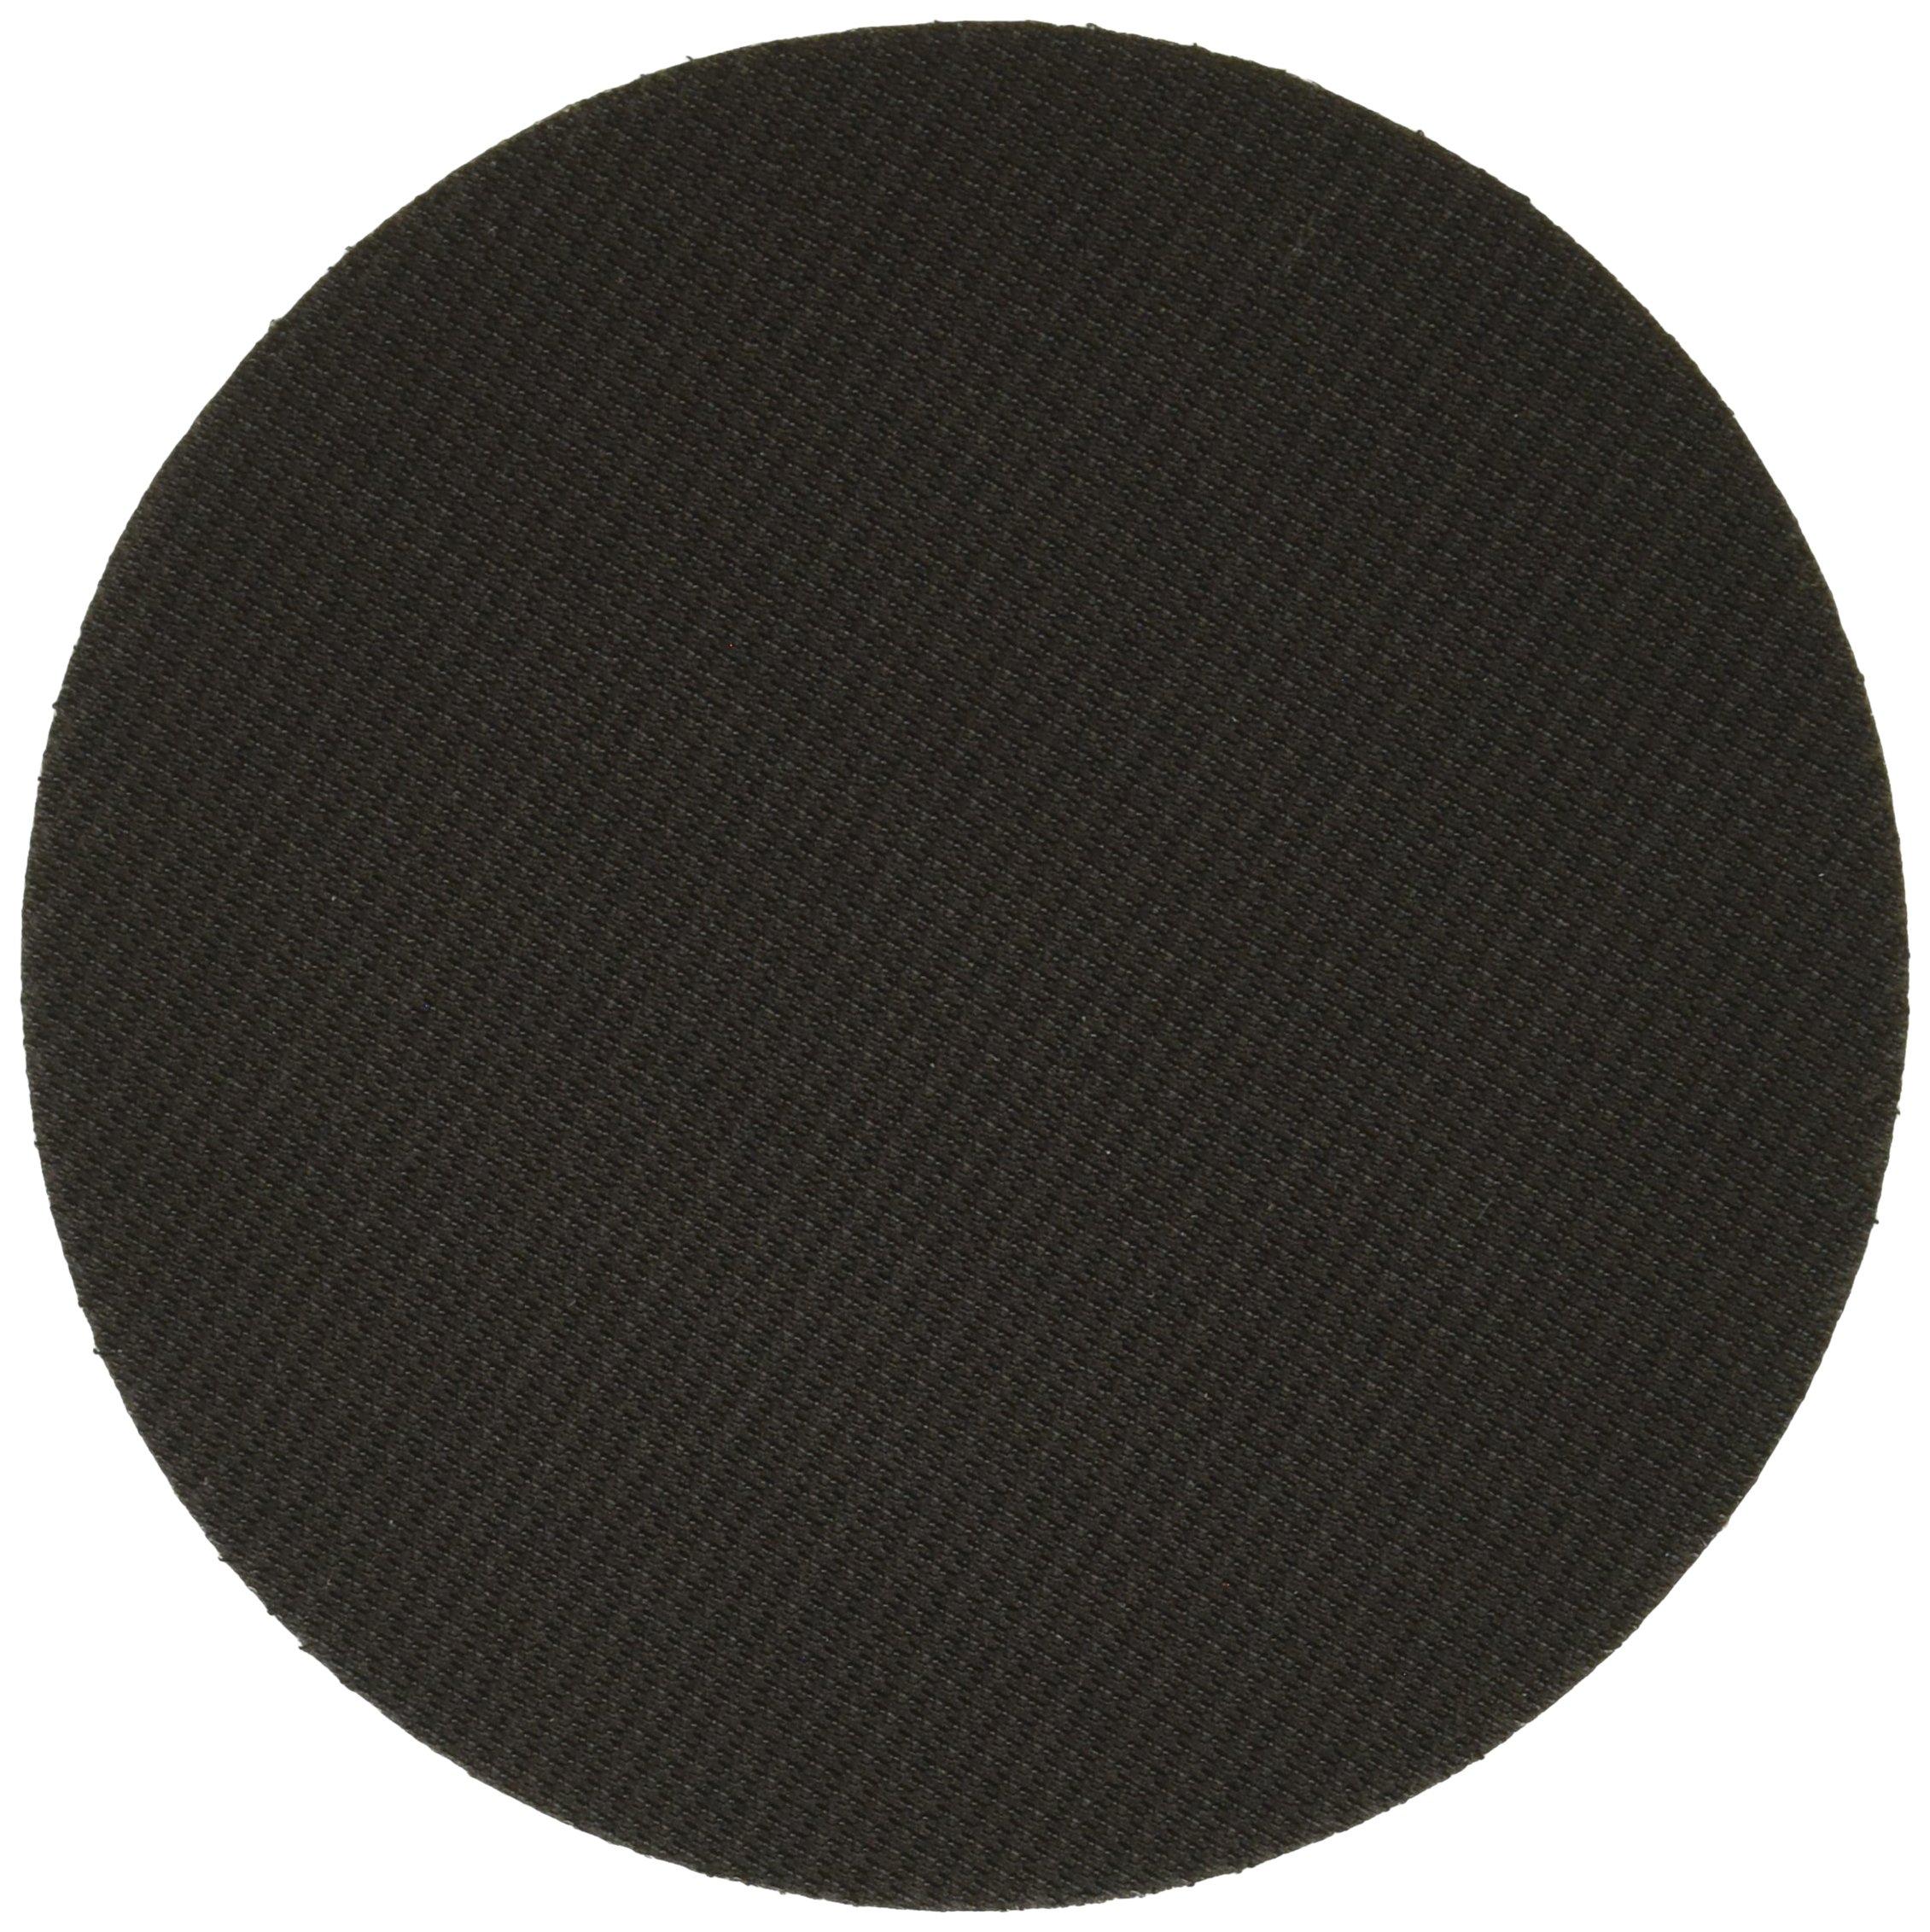 Festool 484173 RAS 115 Stickfix Sanding Pad, Soft, 90mm (4 1/2 in)